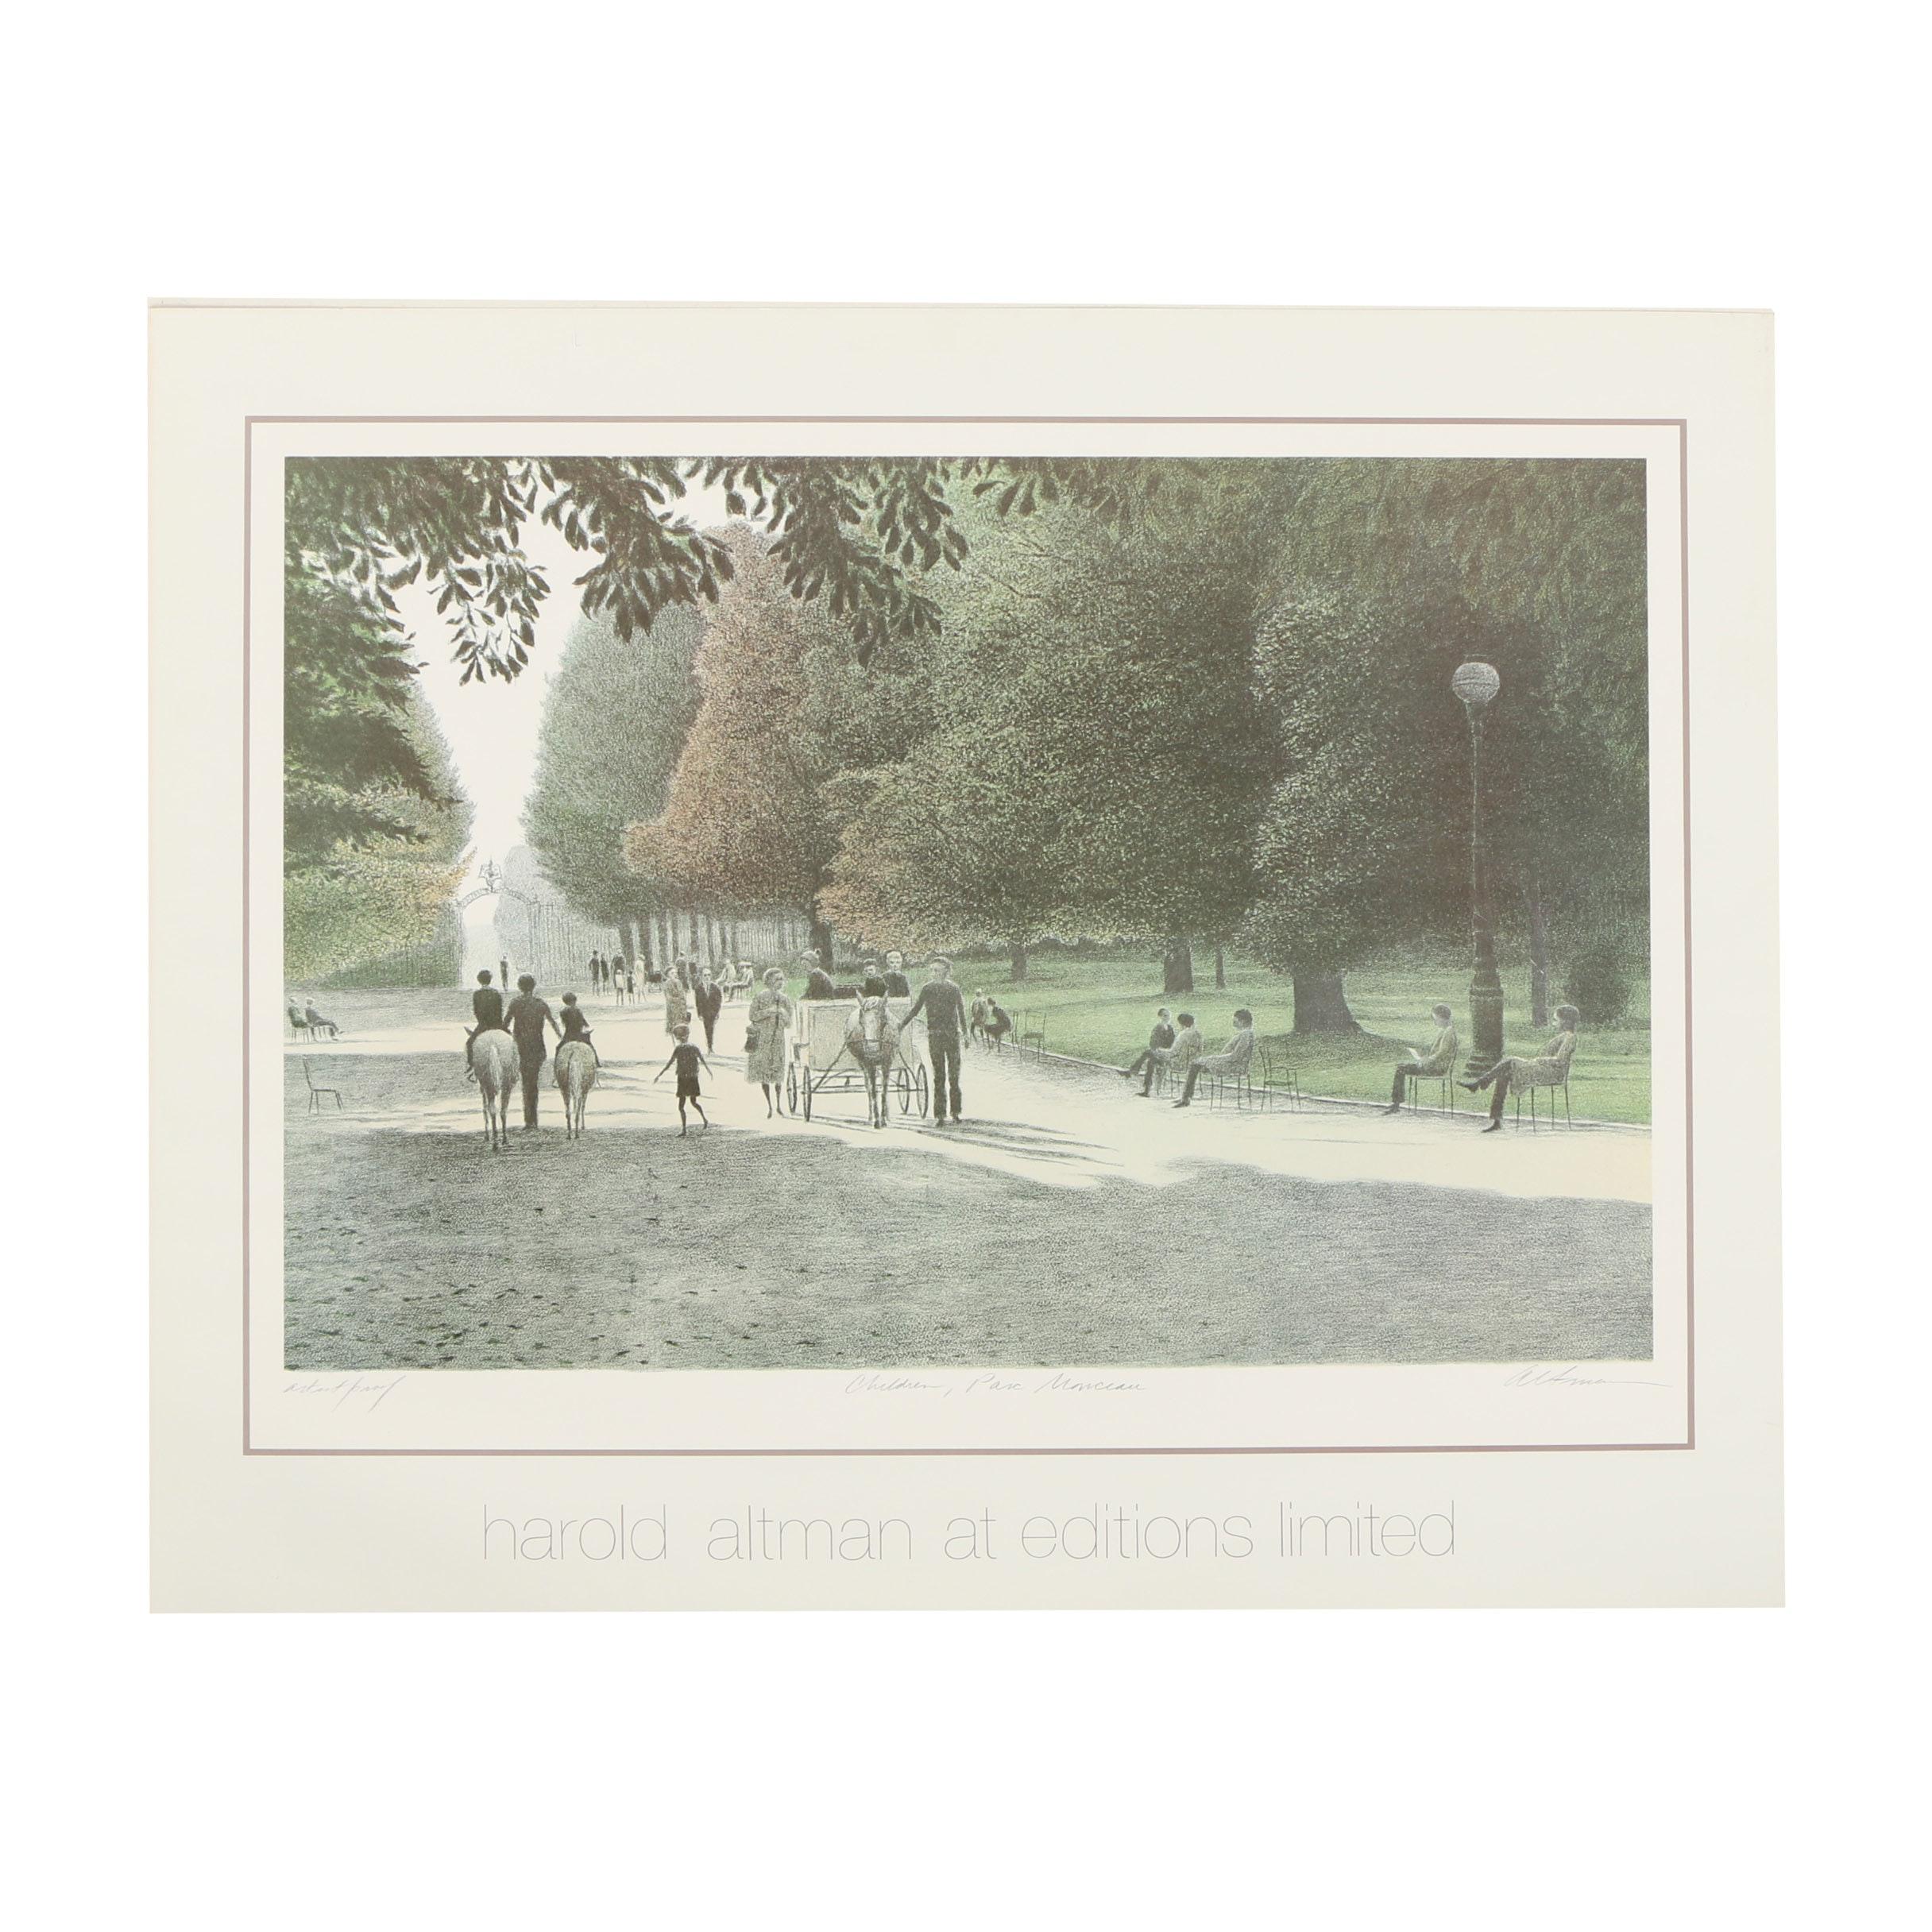 """Offset Lithograph Poster After Harold Altman """"Children, Parc Monceau"""""""